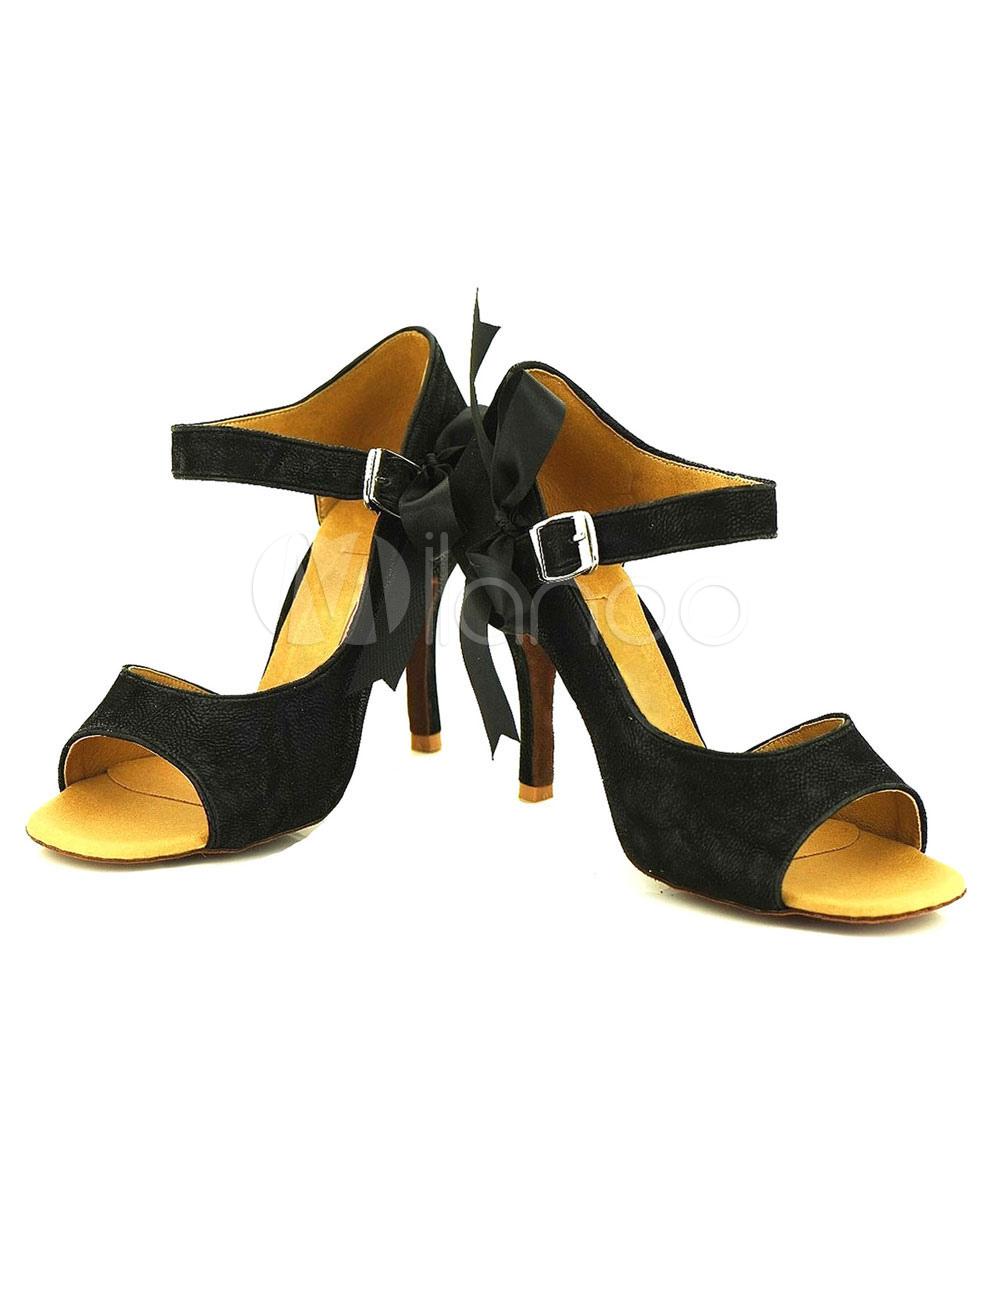 Nubuck abierta del dedo del pie arcos baile negro zapatos mujer salón de baile zapatos modificados para requisitos particulares ulomehM1